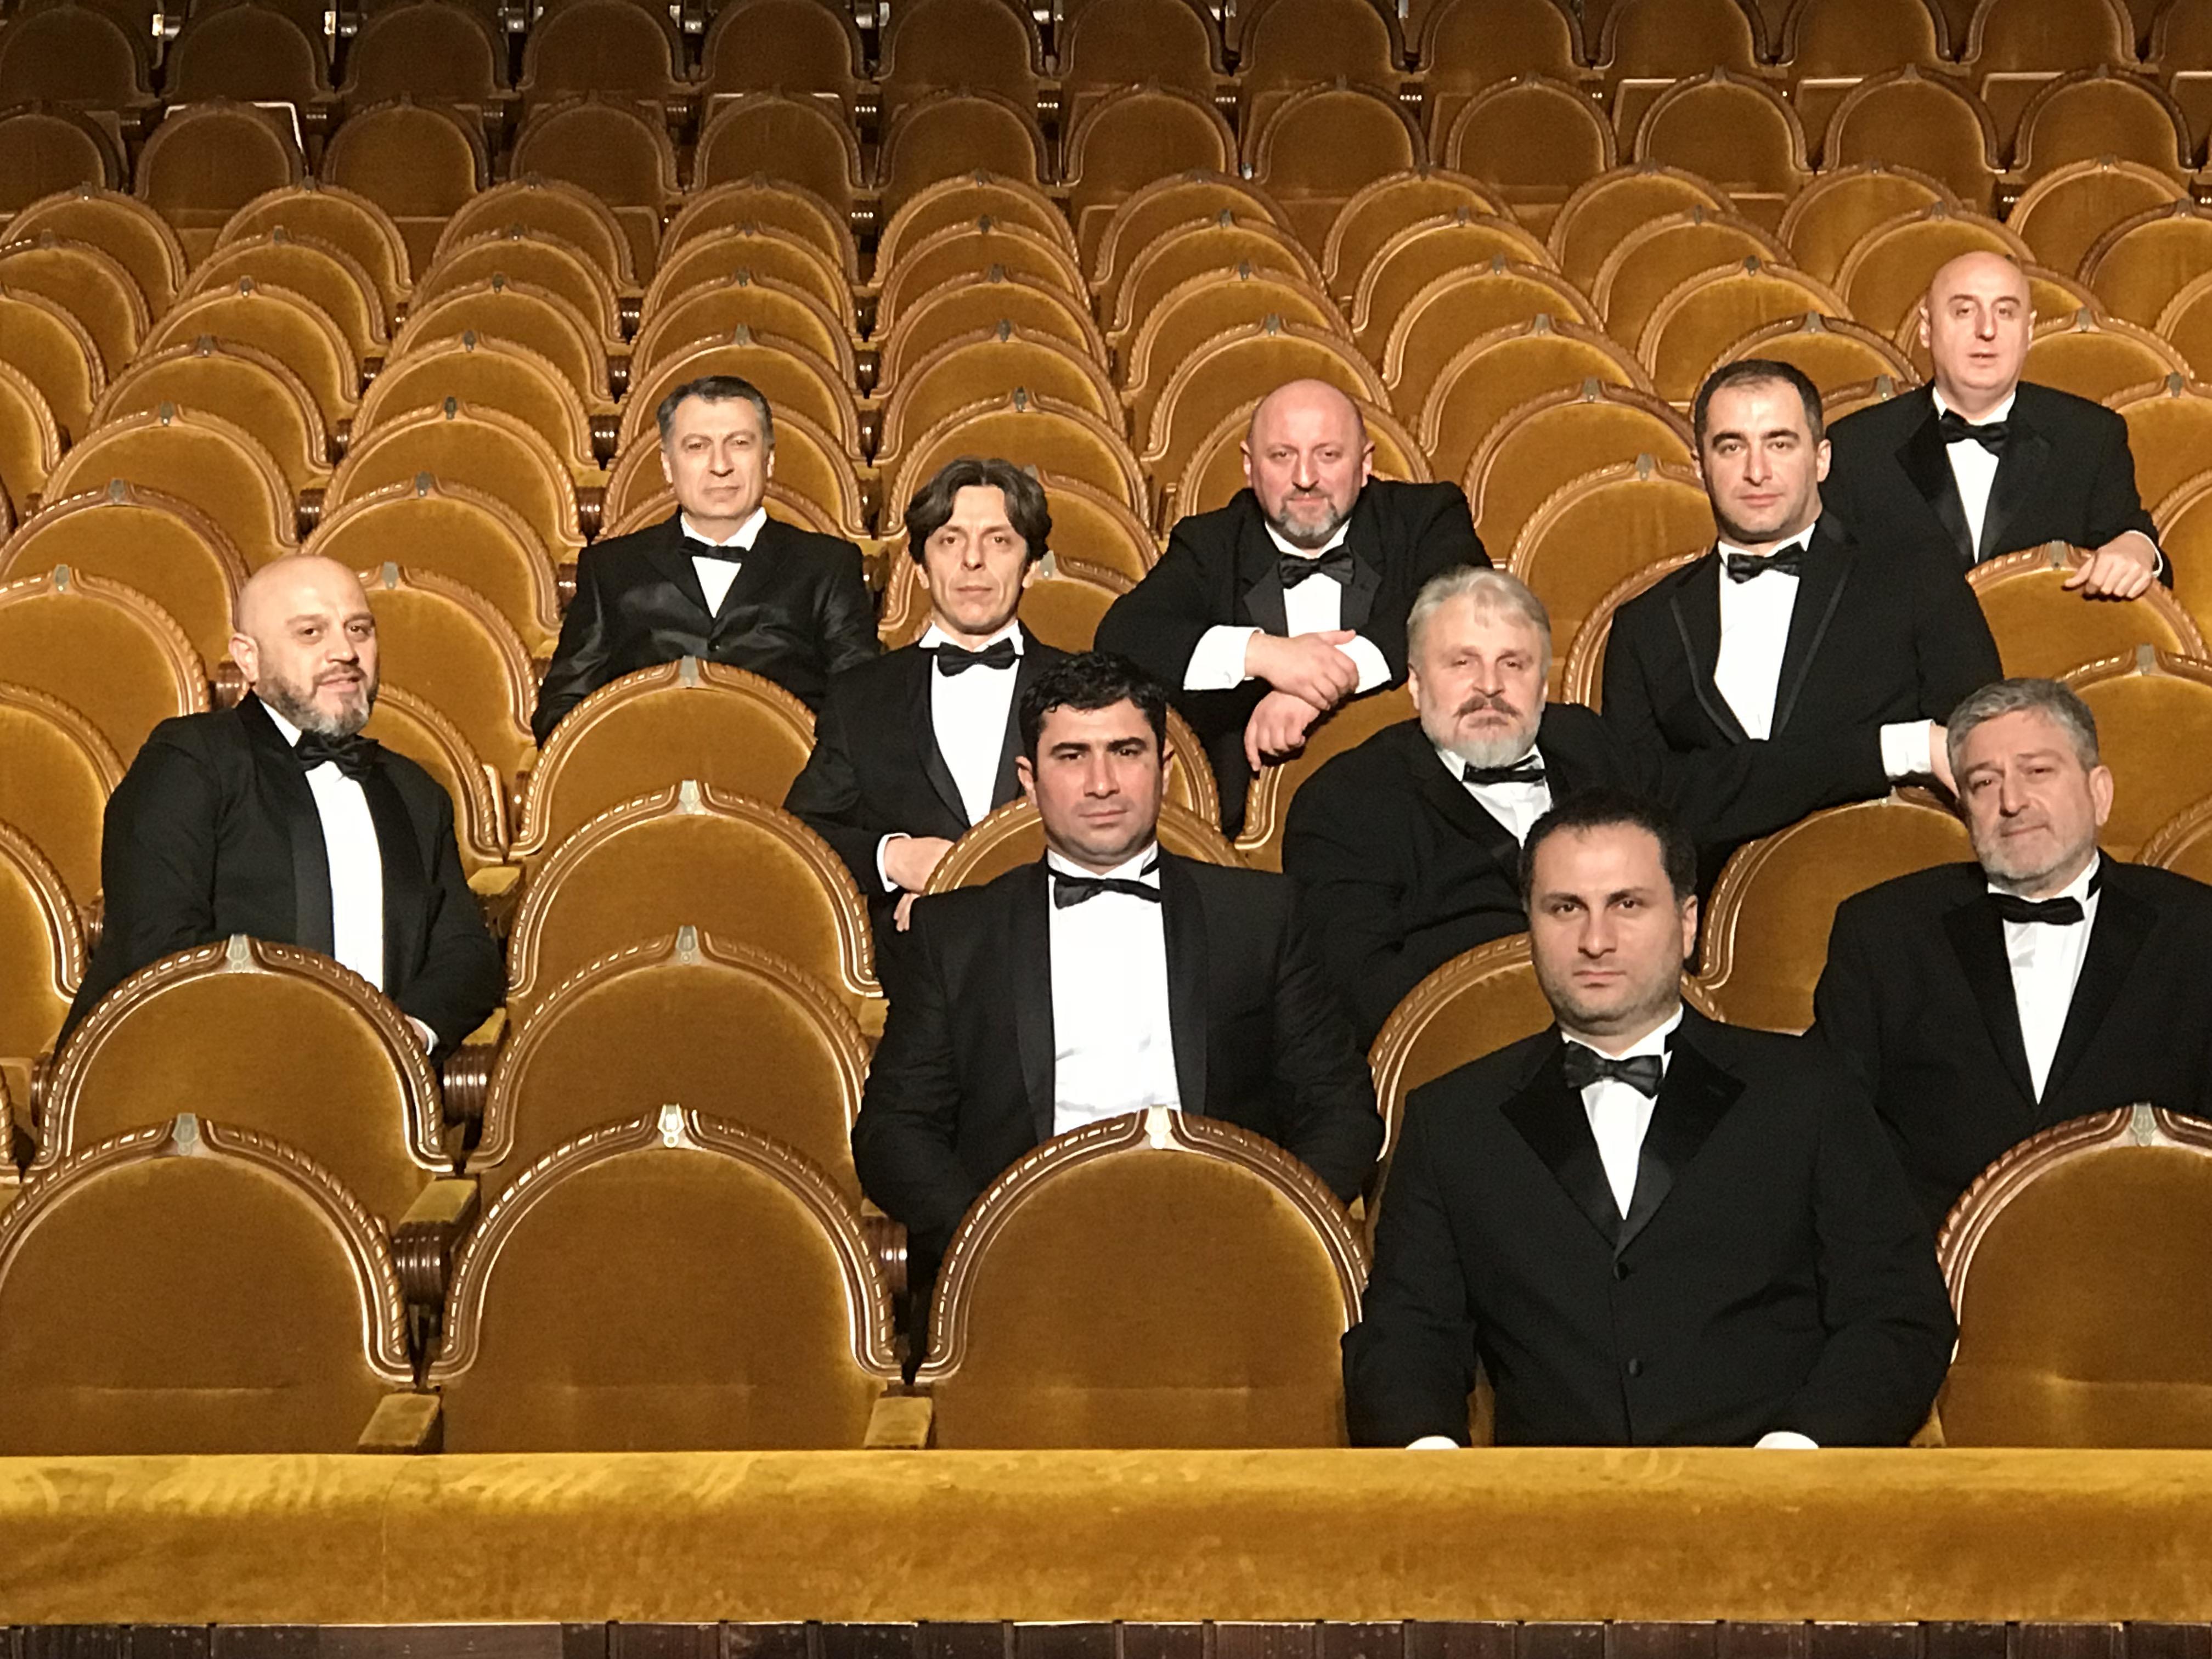 Tbiliský operní sbor Suliko poprvé v Česku: Zapsaní jsou na seznamu UNESCO!